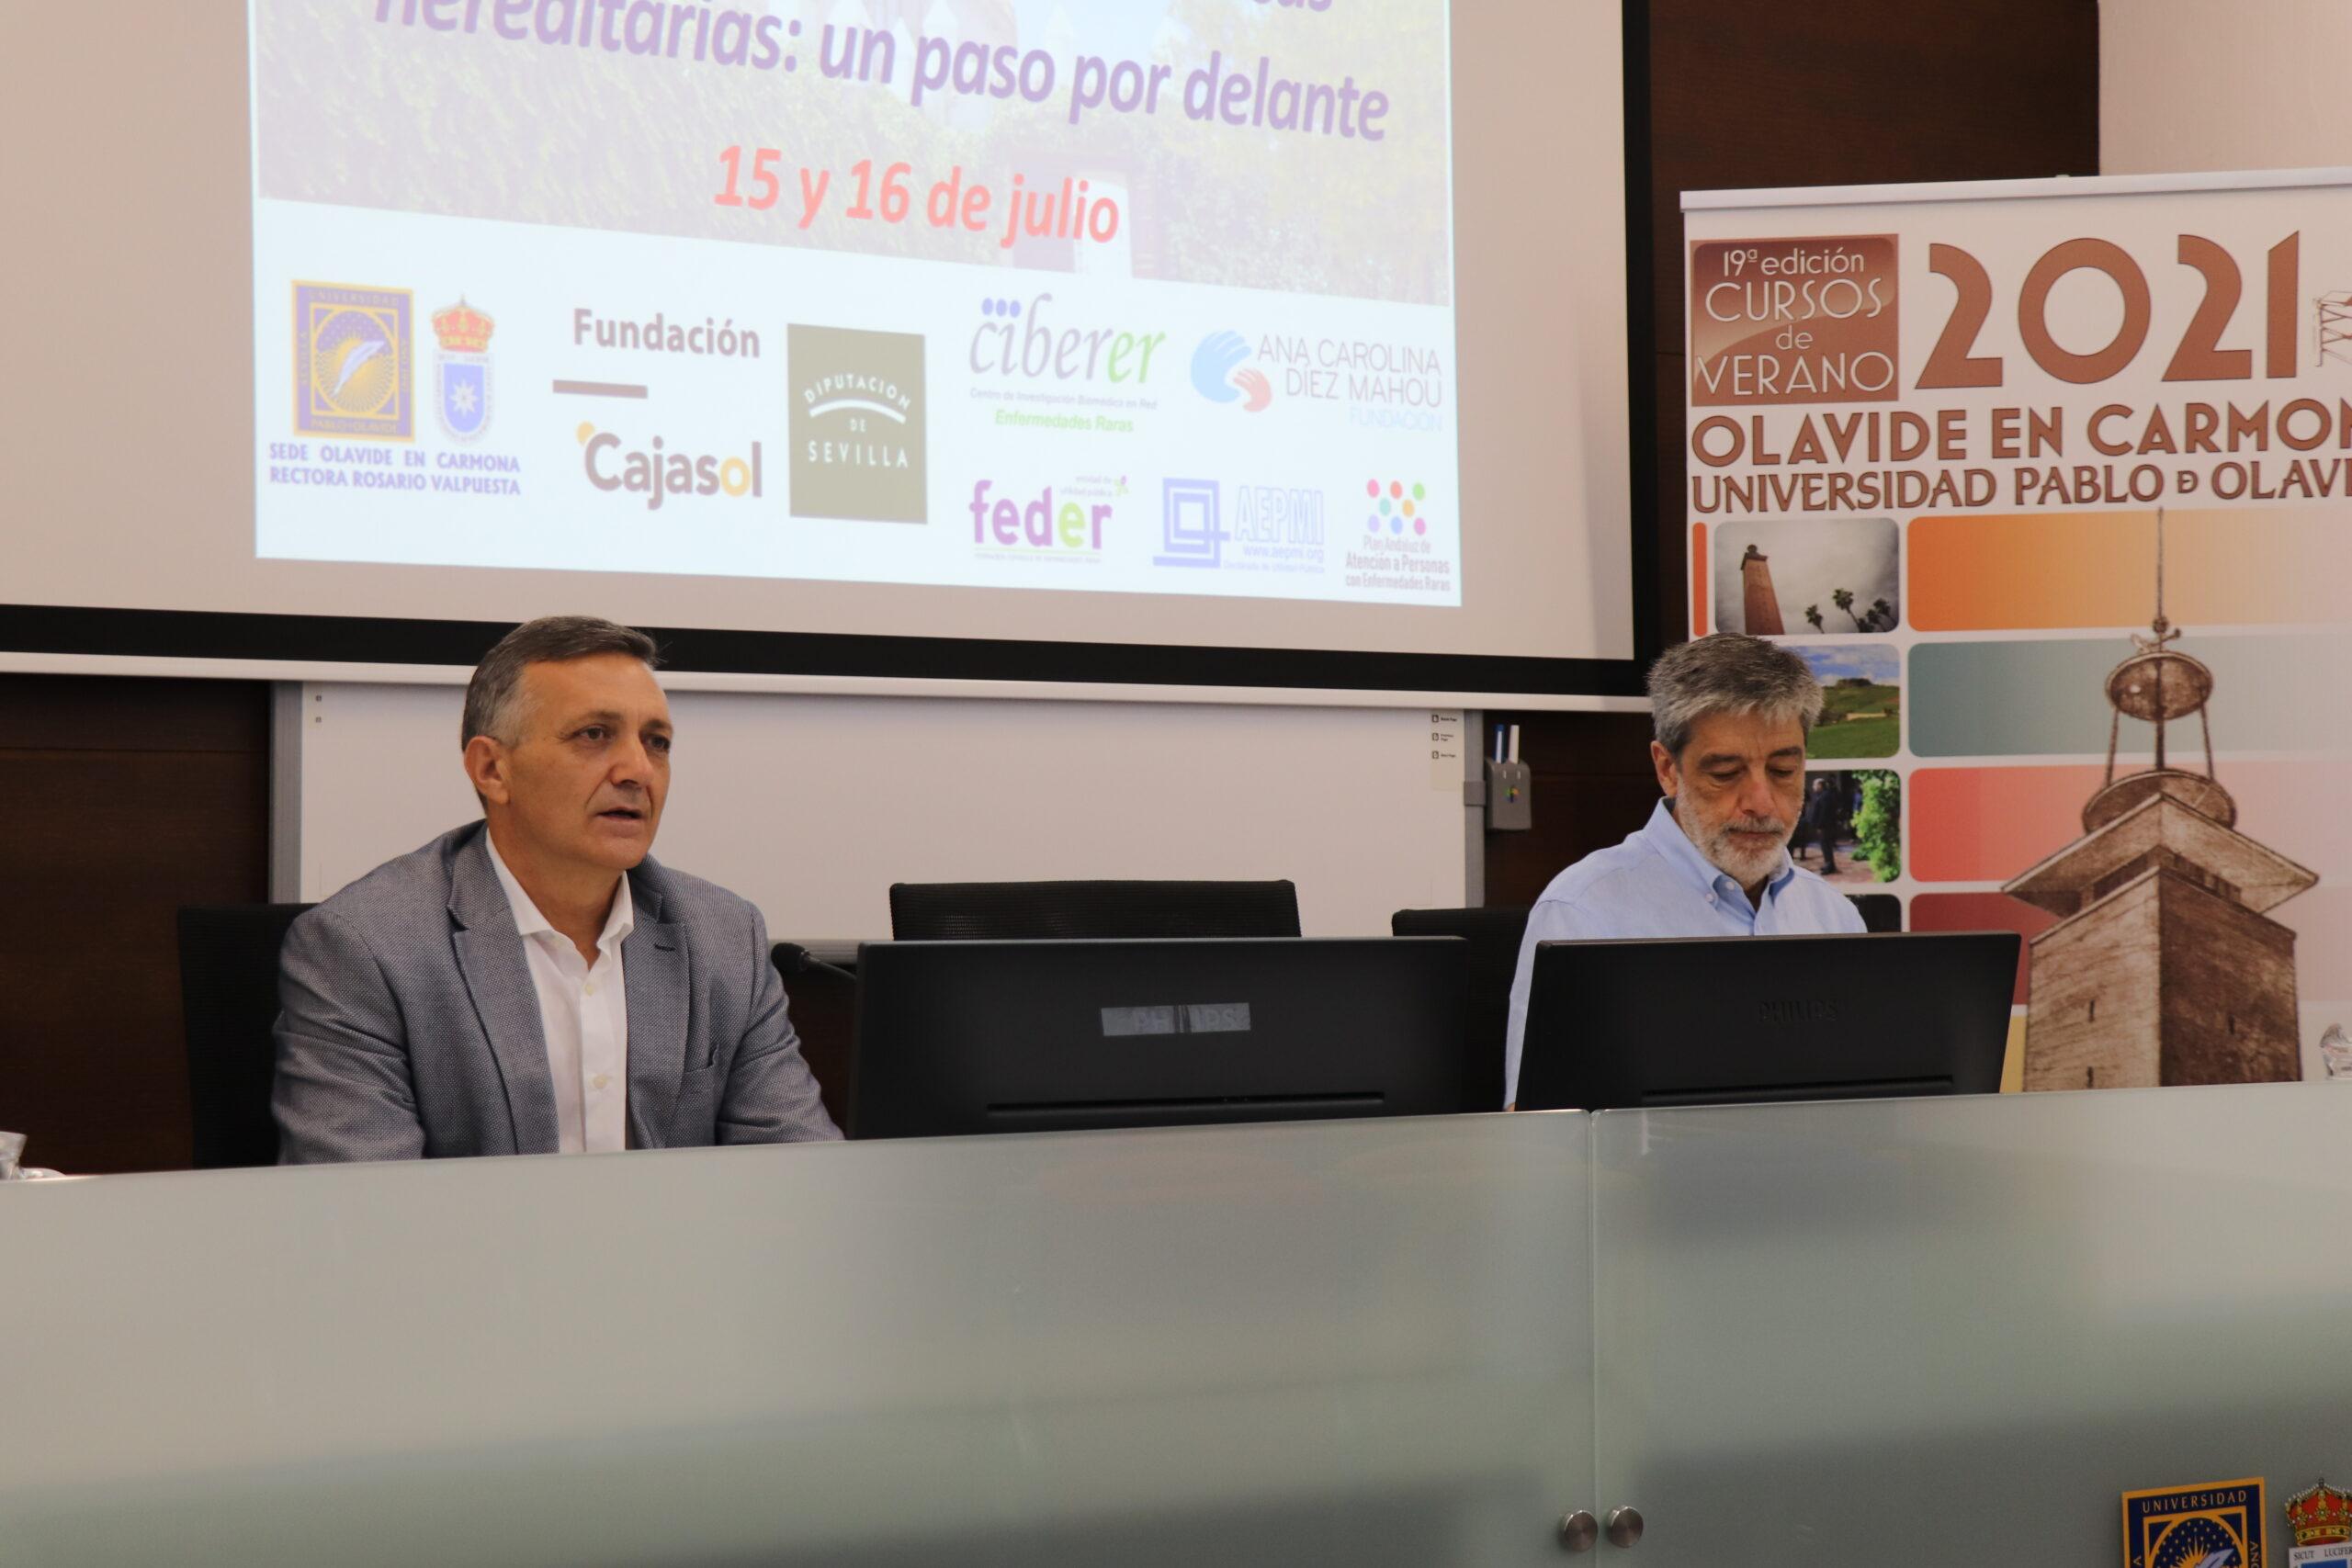 Carlos Santos y Plácido Navas en la sede Olavide en Carmona